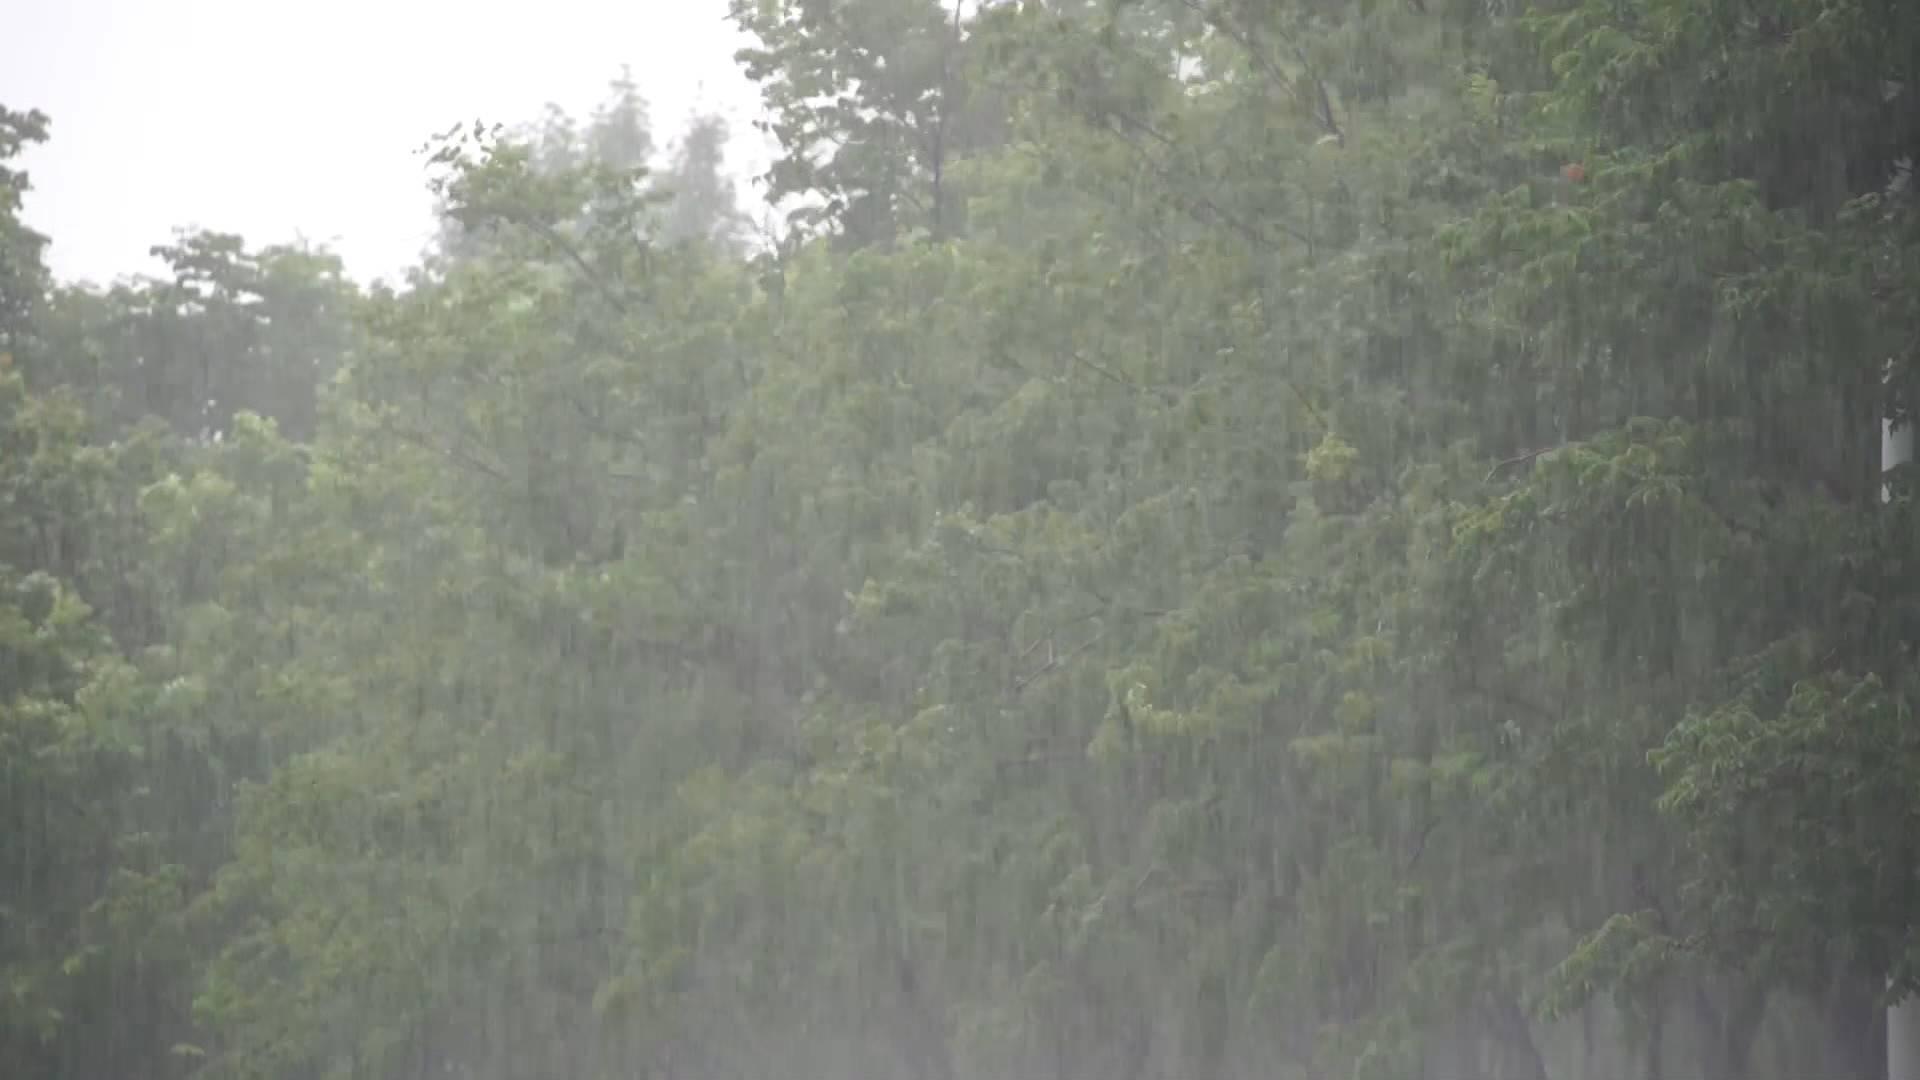 雷阵雨+9级大风+局地短时强降水!济南发布雷电黄色预警信号,注意防范